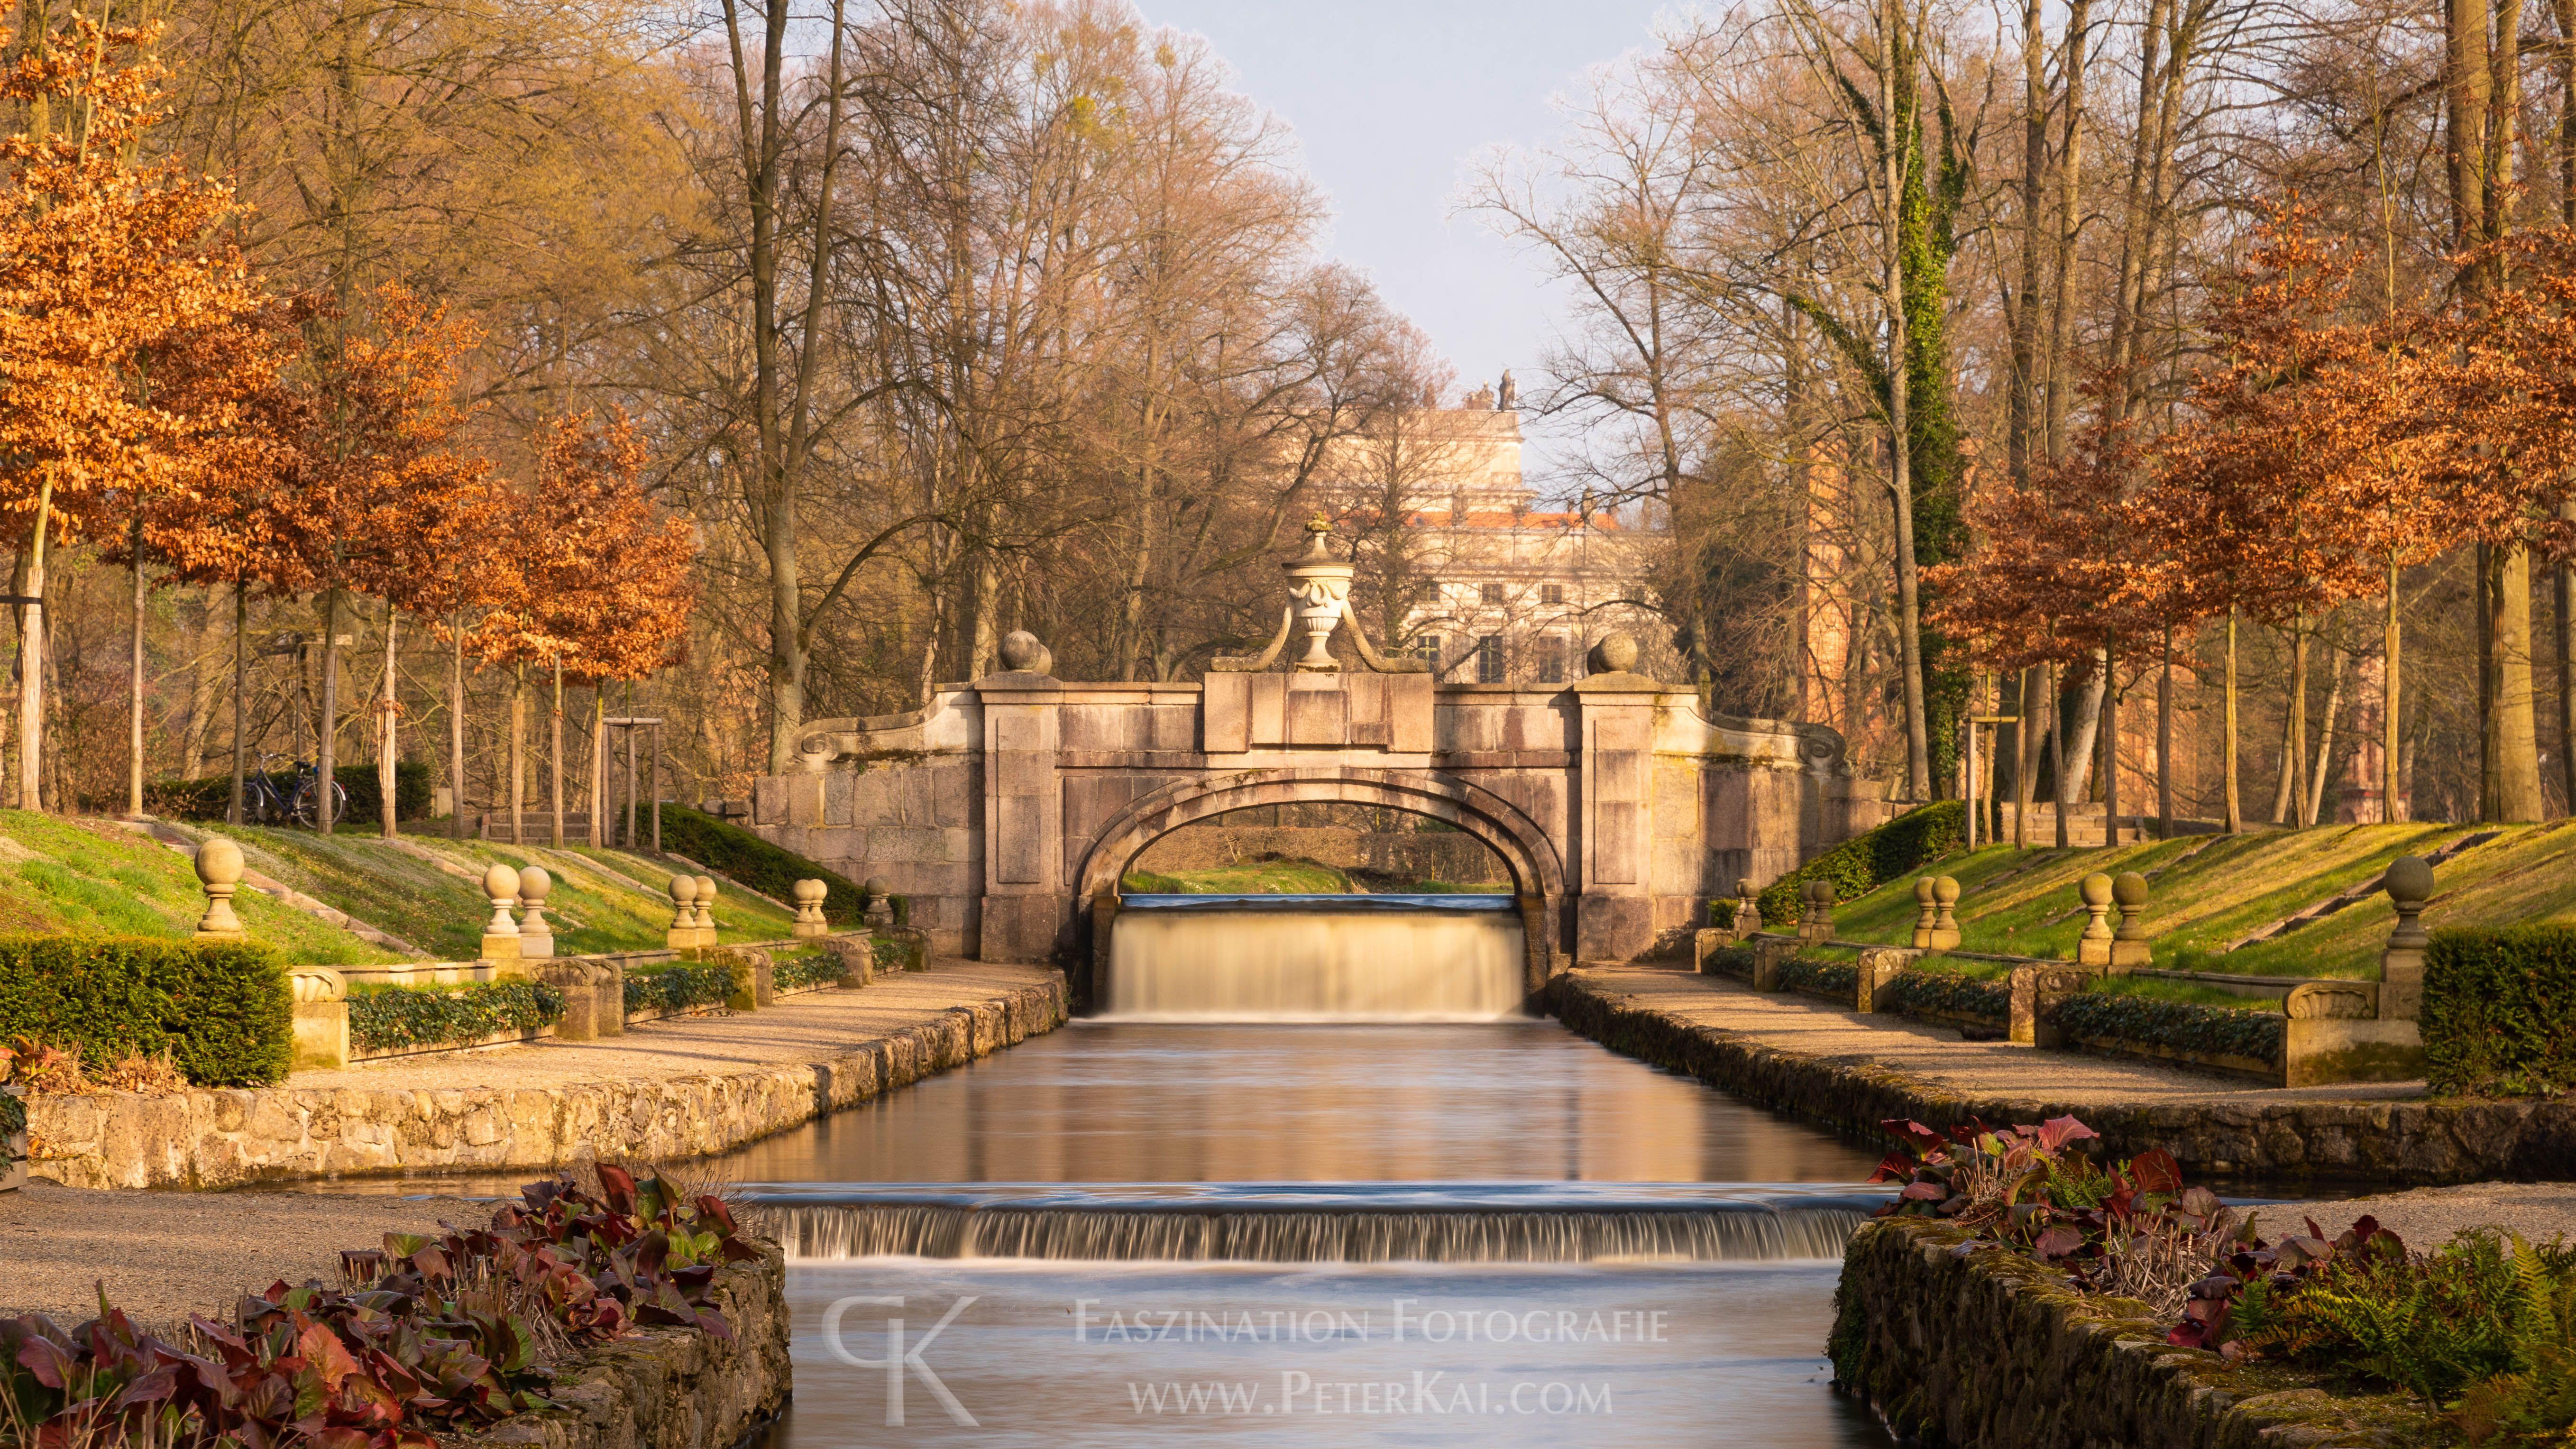 Schlosspark In Ludwigslust Schlosspark Wasserquellen Ausflug